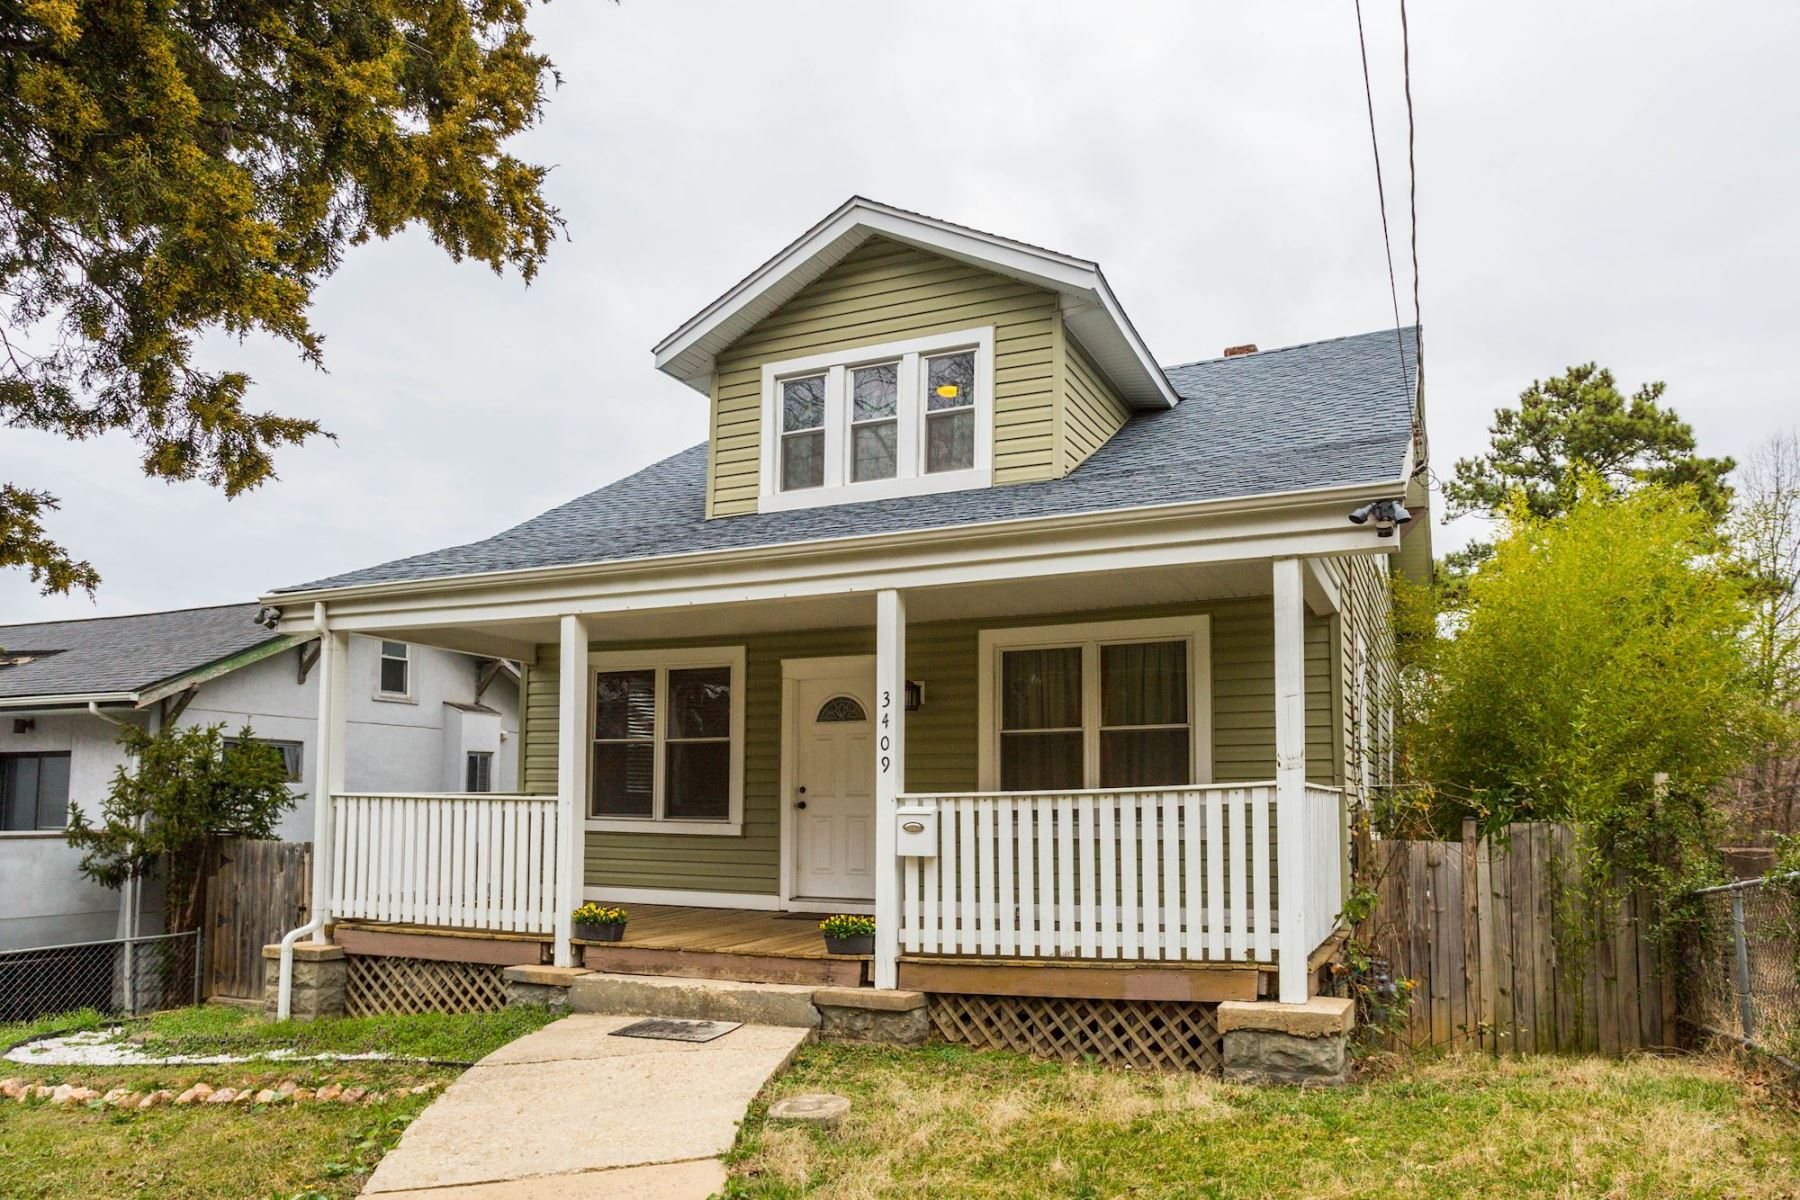 独户住宅 为 销售 在 3409 Eastern Avenue, Mount Rainier Mount Rainier, 马里兰州, 20712 美国